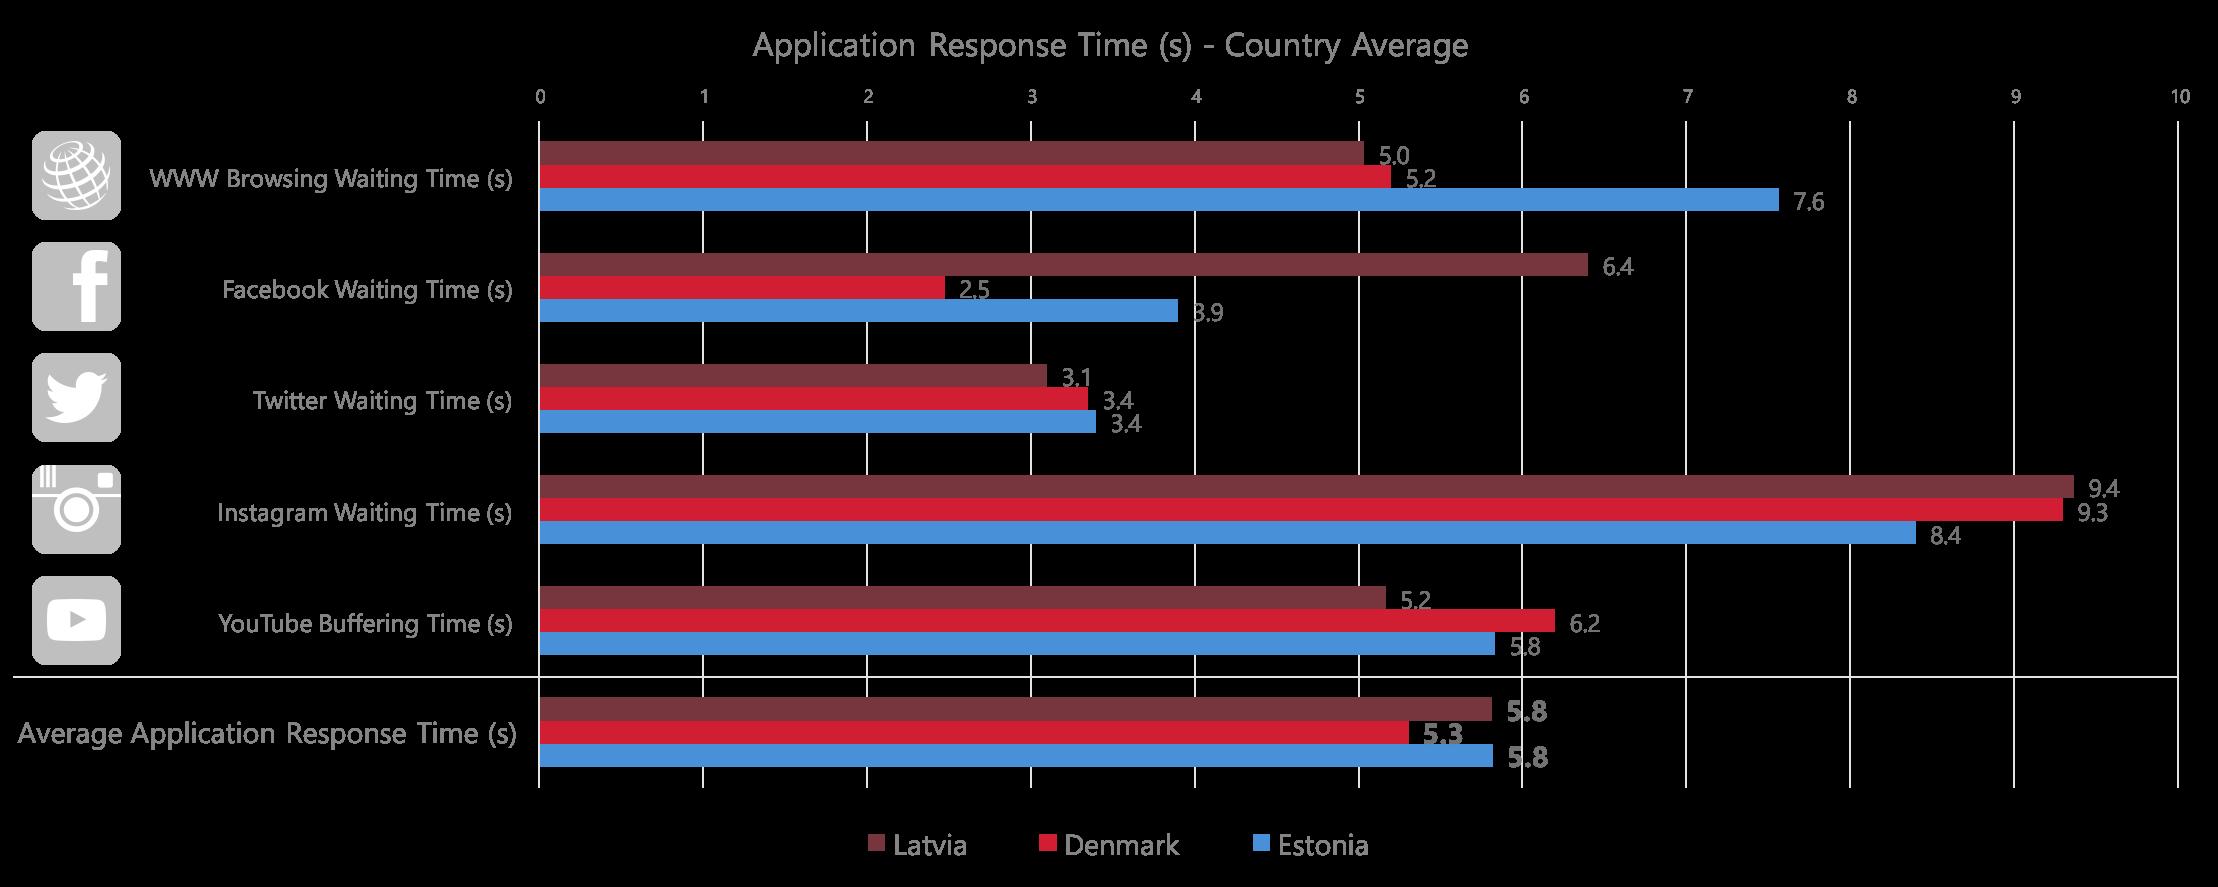 app response time baltics ctry average